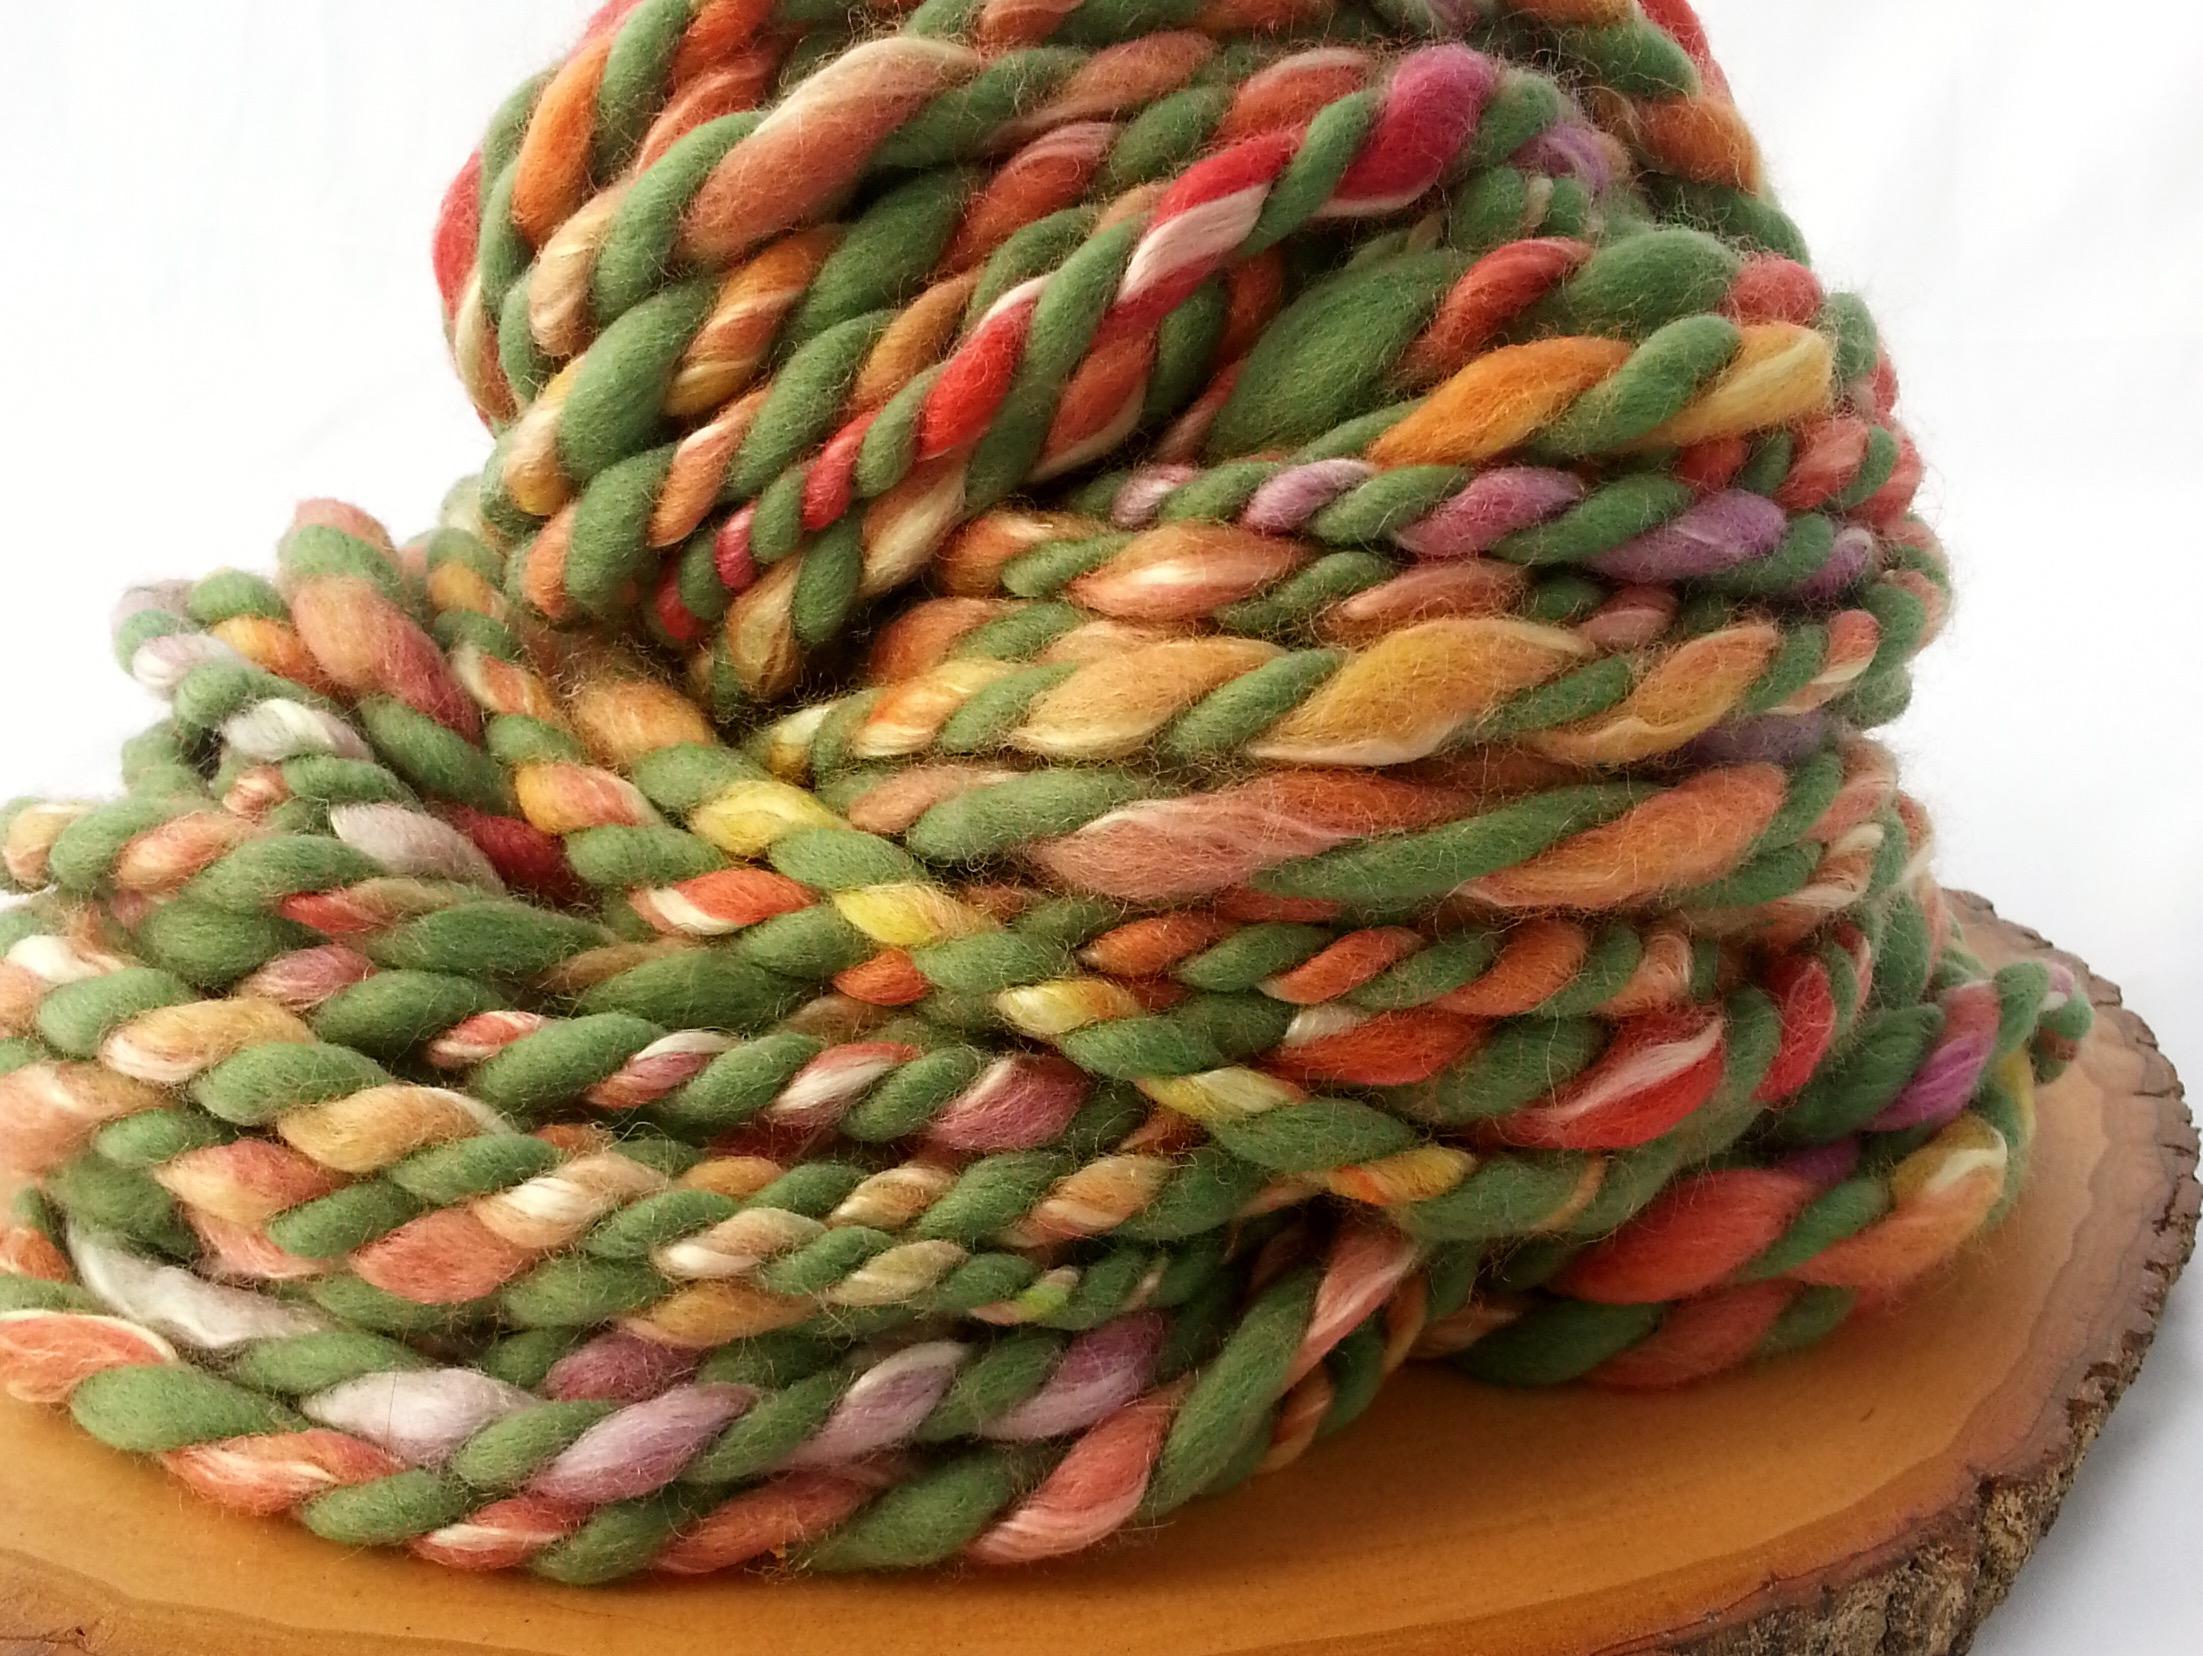 Cora's Handspun Yarn